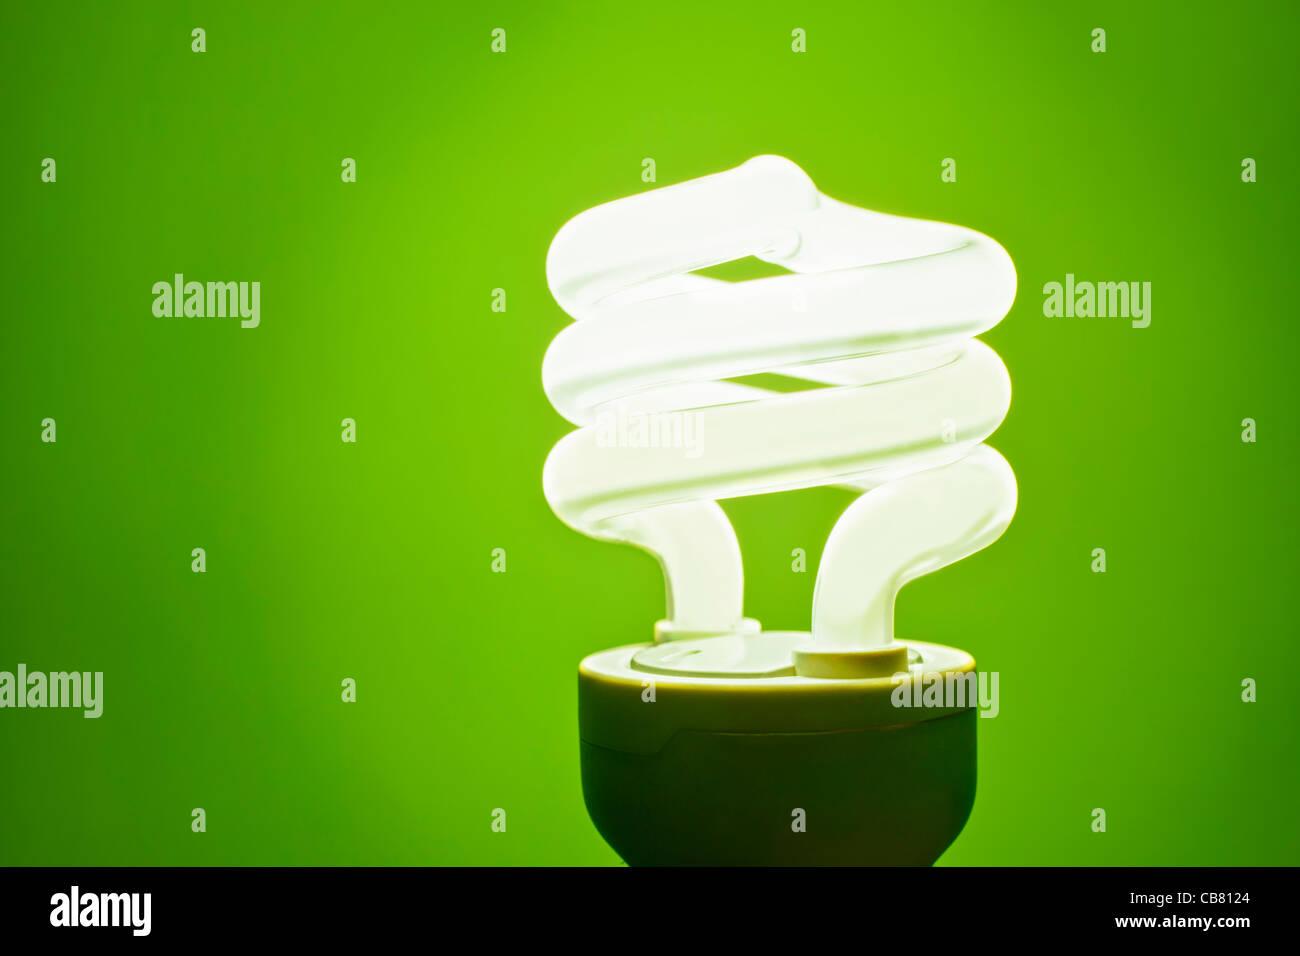 Bombilla verde Imagen De Stock